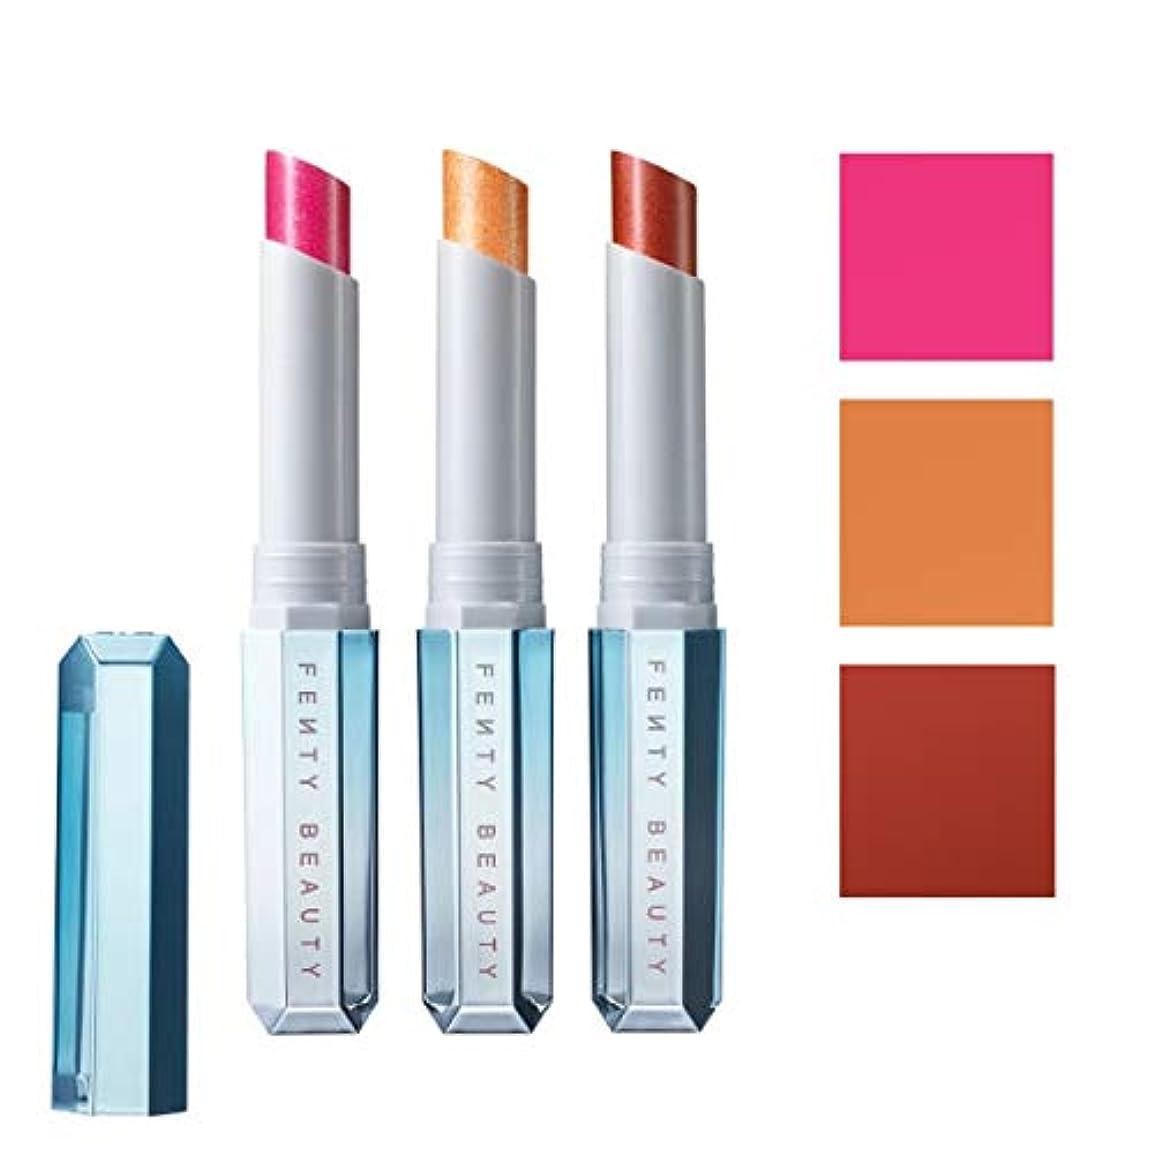 活性化する名詞スクランブルFENTY BEAUTY BY RIHANNA 限定版 limited-edition, Frosted Metal Lipstick 3pc Set - Snow Daze [海外直送品] [並行輸入品]